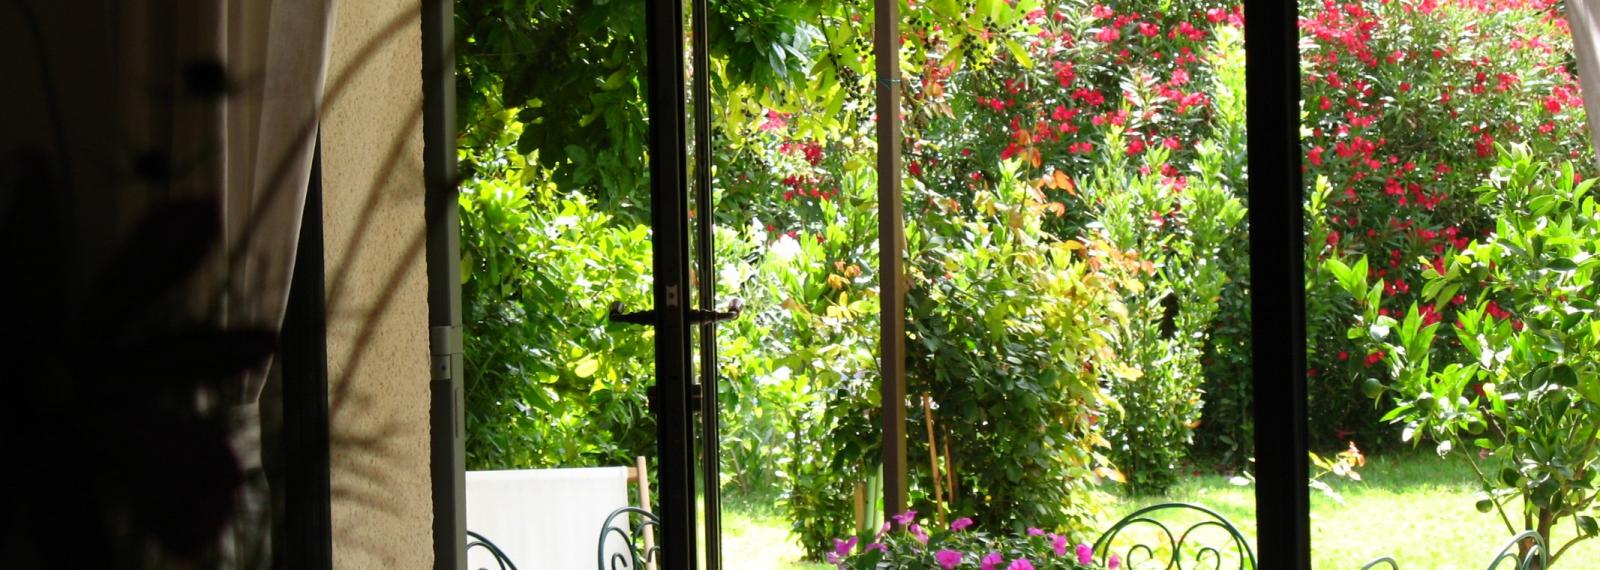 Location saisonnière Les délices d'un pied à terre au soleil à Saint-Rémy-de-Provence